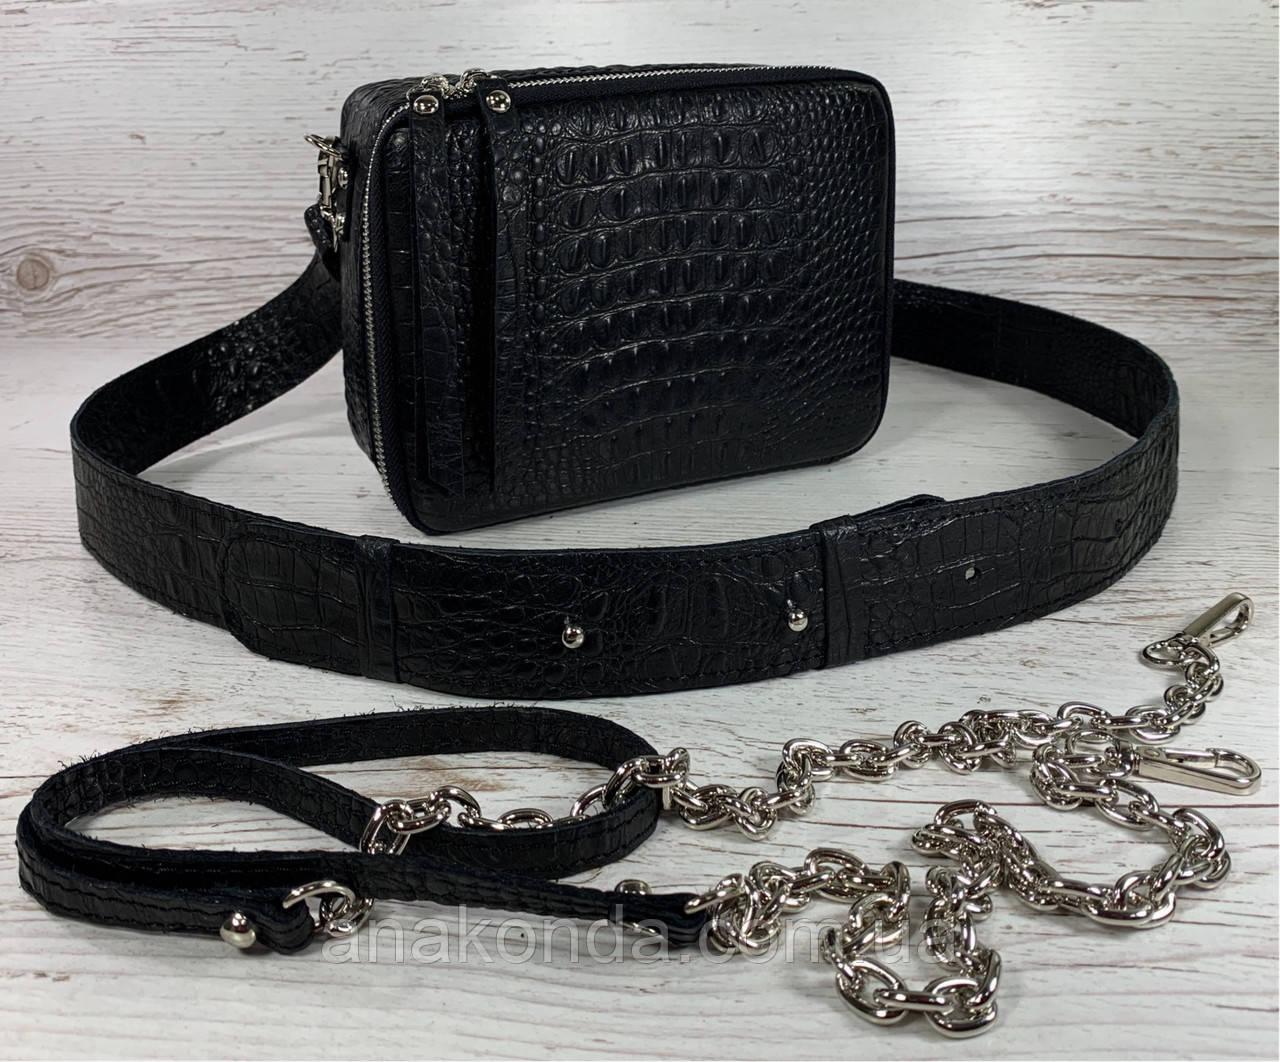 61-кр-2р Натуральная кожа Кросс-боди черная сумка женская через плечо 2ремня рептилия широкий ремень сумка